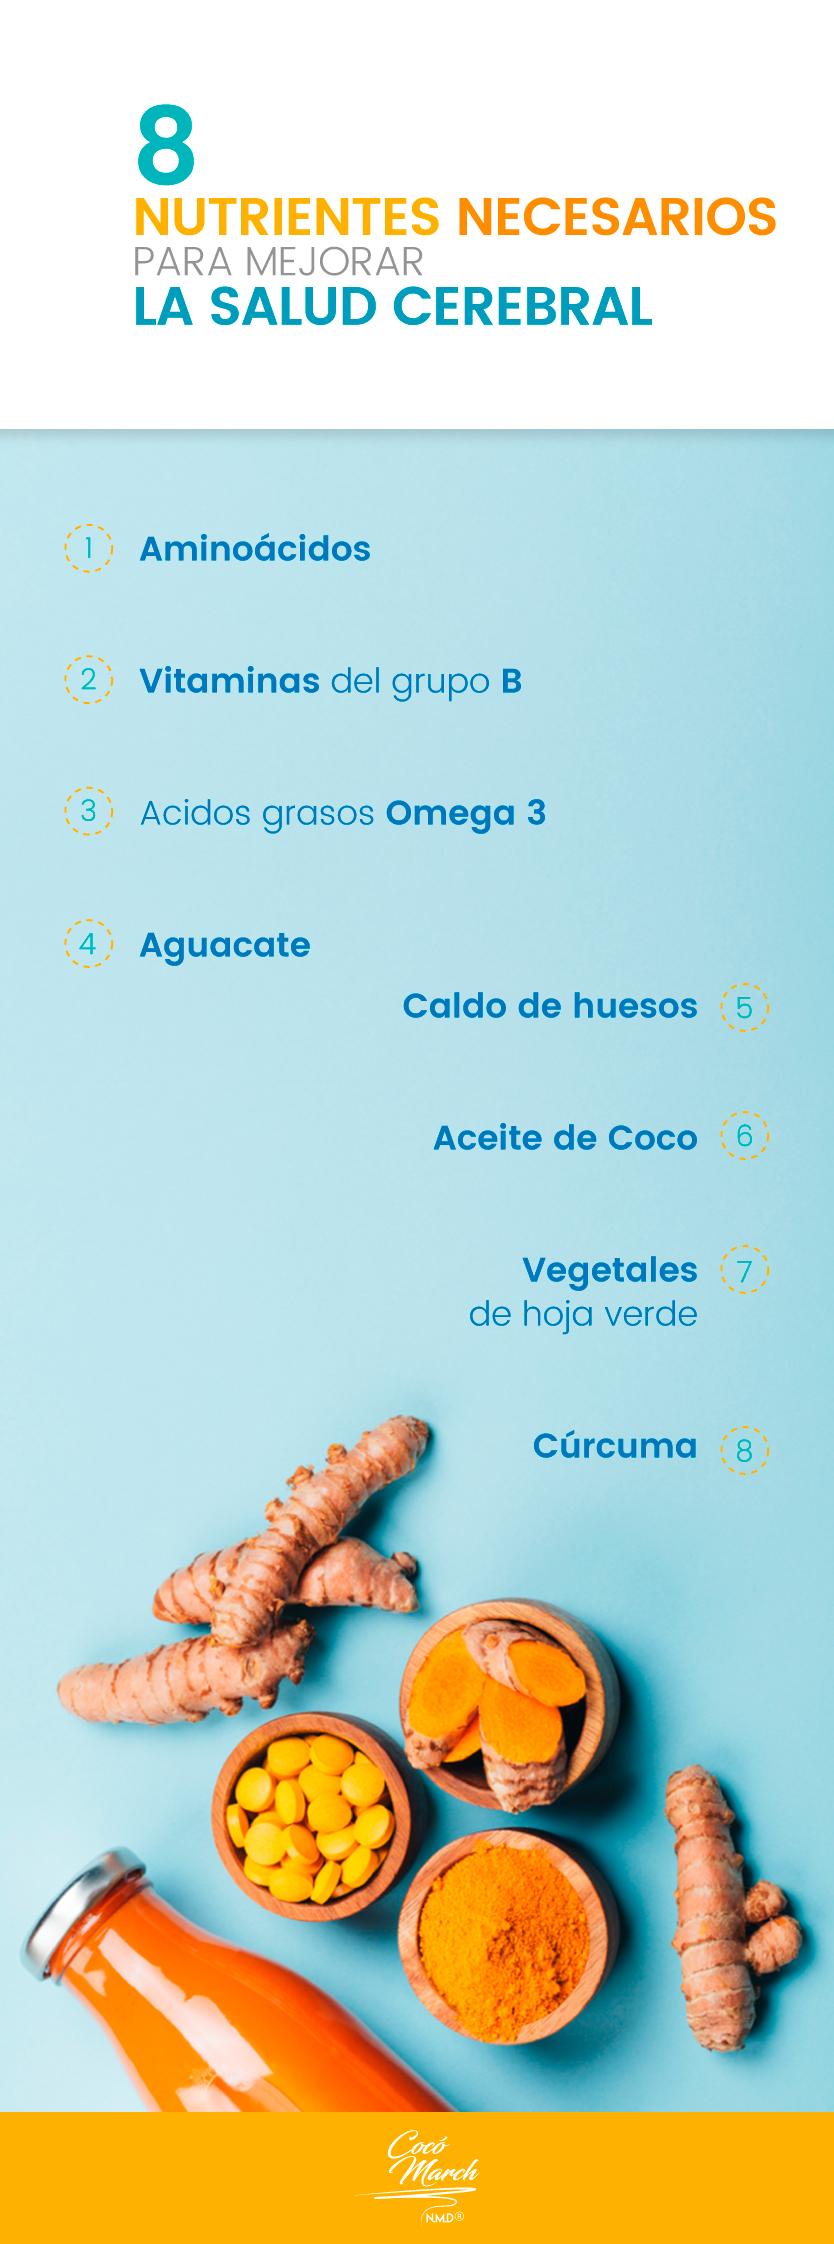 nutrientes-para-la-salud-cerebral